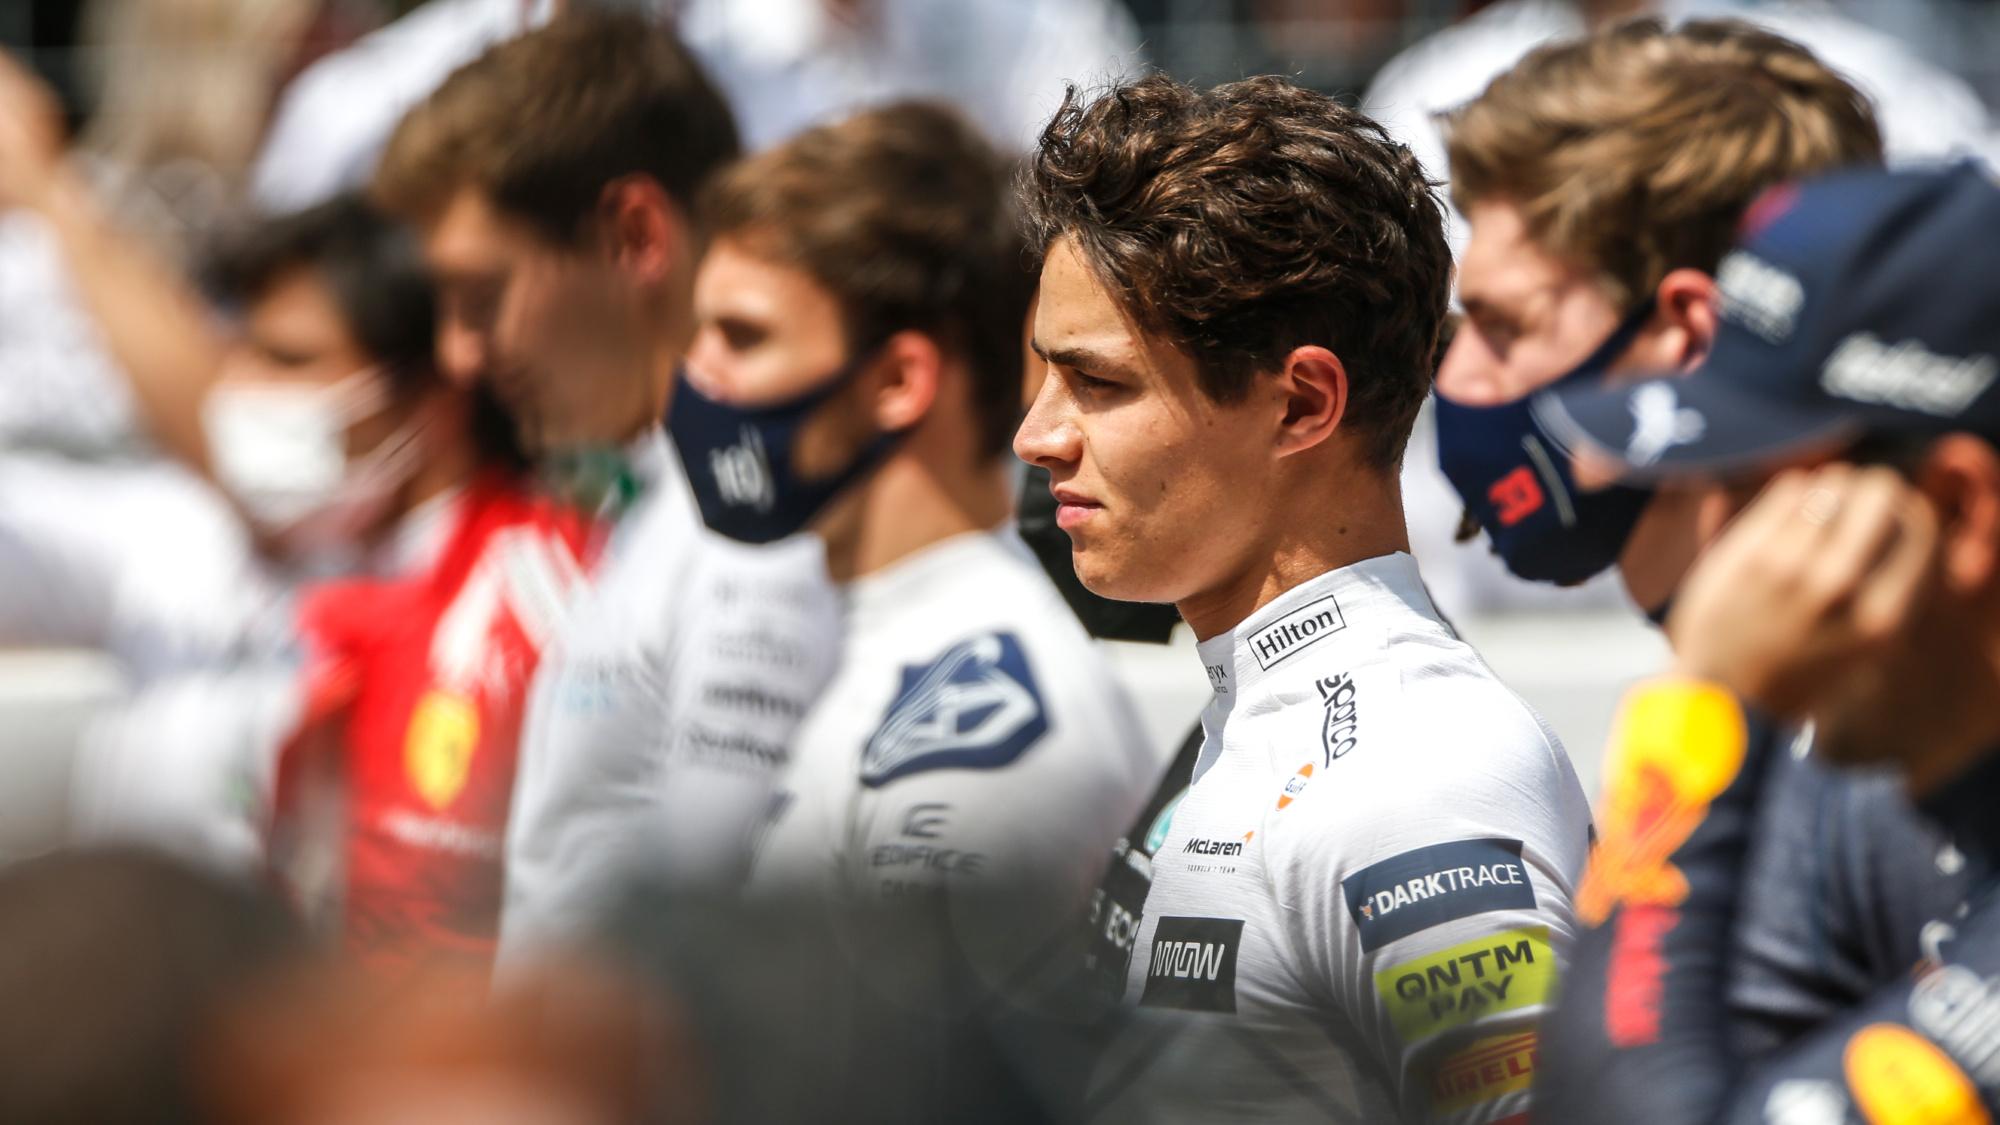 Lando Norris, 2021 Austrian GP